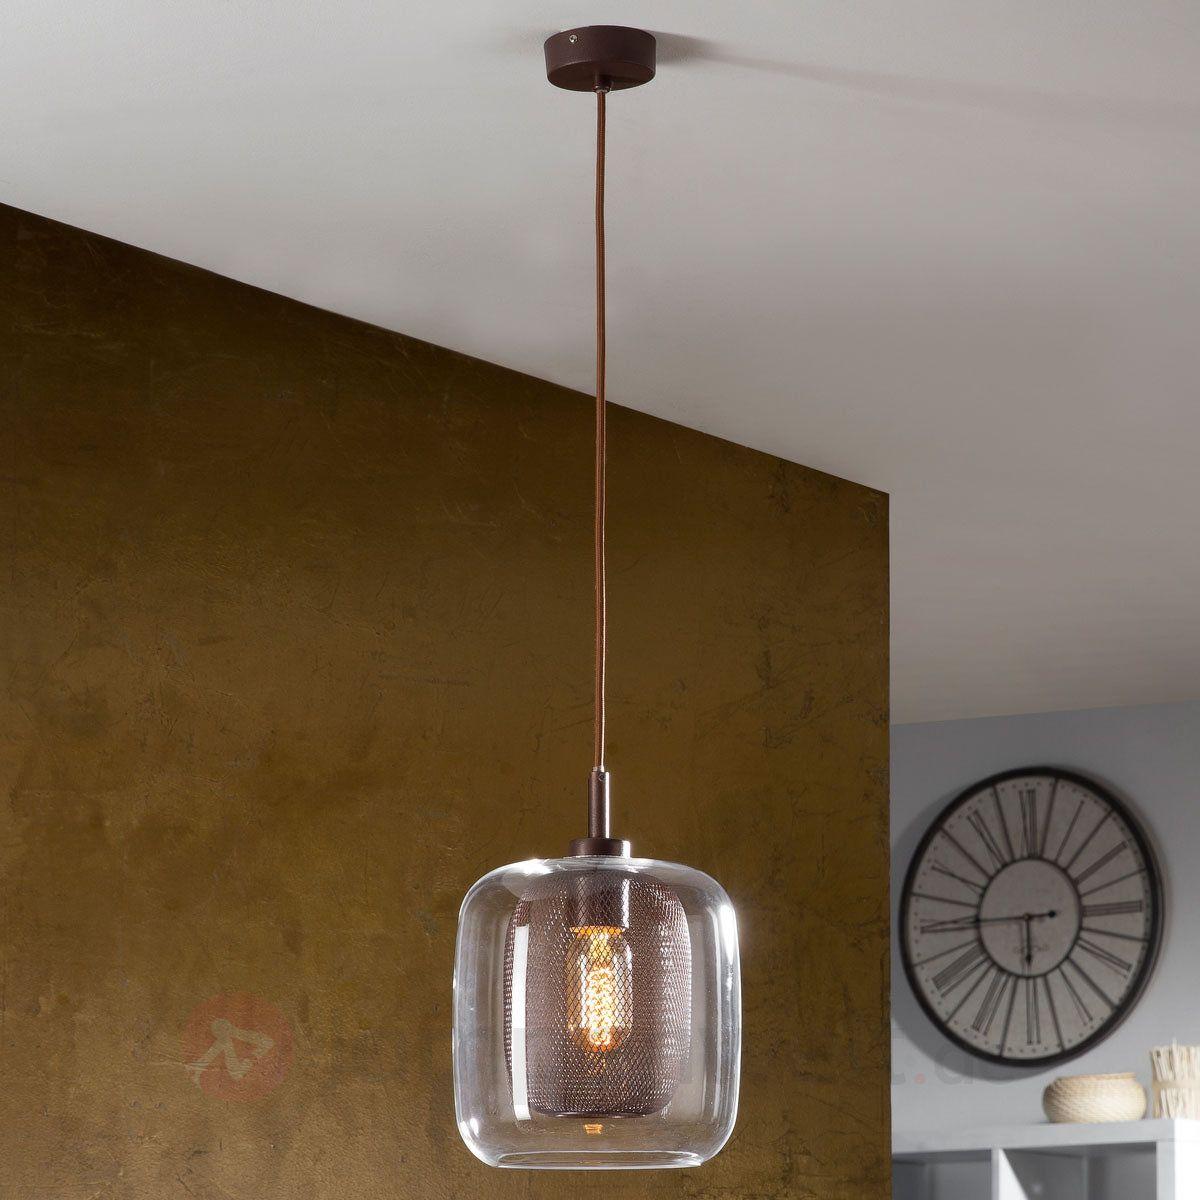 Good Fox Glas Pendelleuchte mit doppeltem Schirm sicher u bequem online bestellen bei Lampenwelt